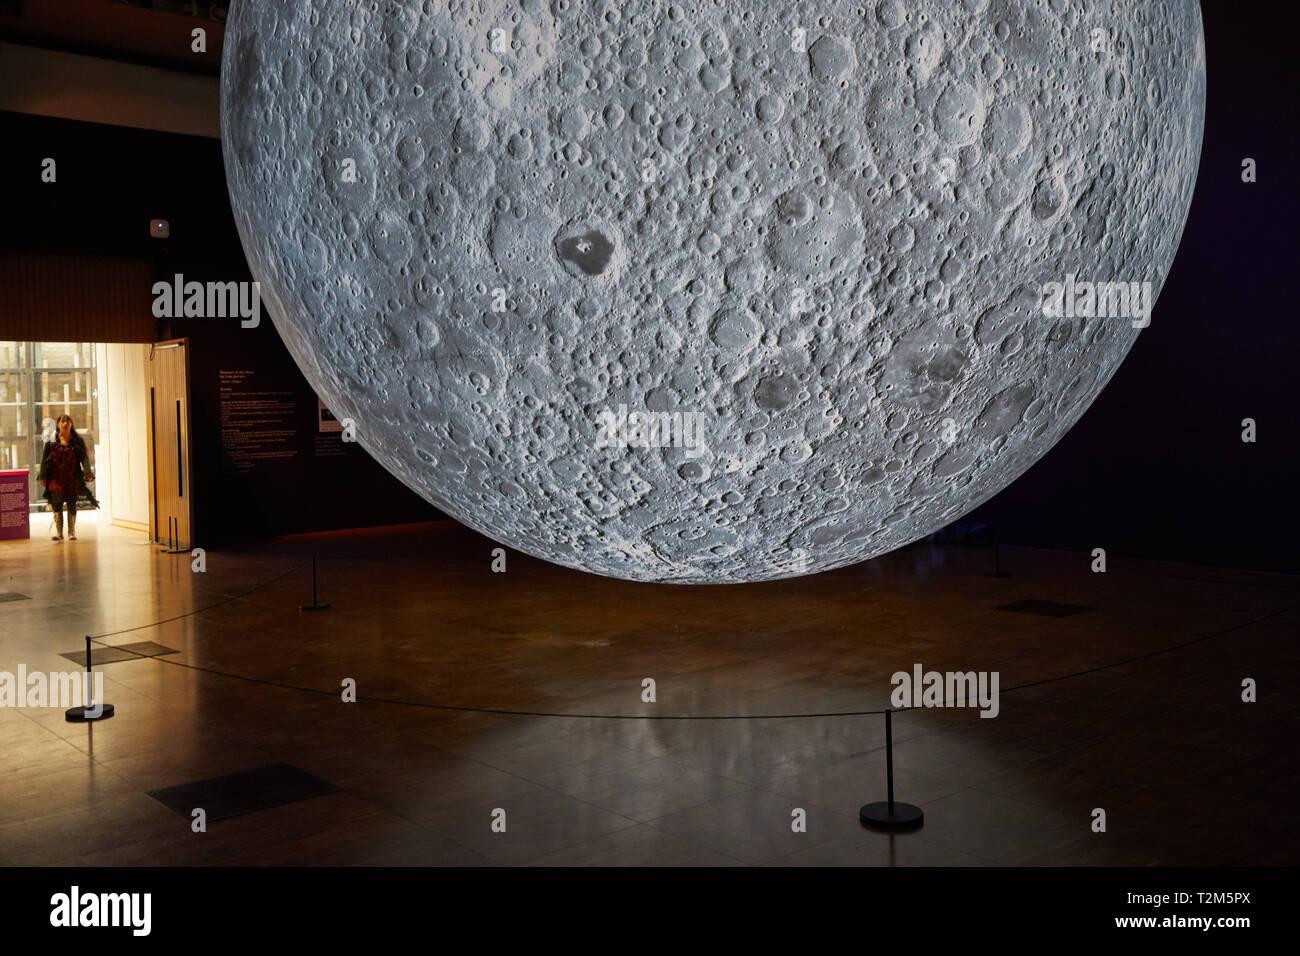 Museum of the Moon. Touring artwork by UK artist Luke Jerram - Stock Image